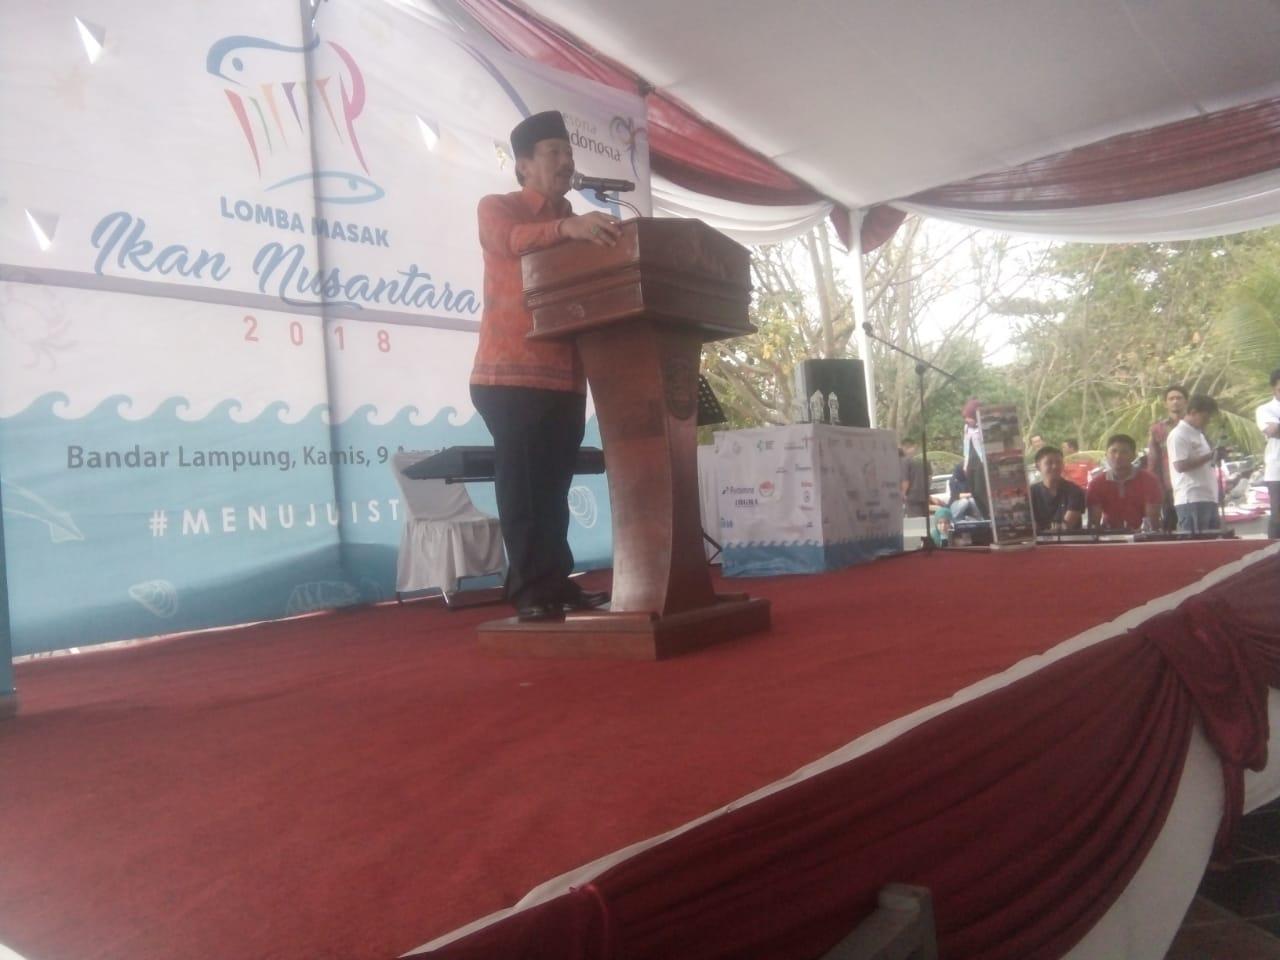 Herman HN, Ajak Masyarakat Kota Bandar Lampung Gemar Makan Ikan